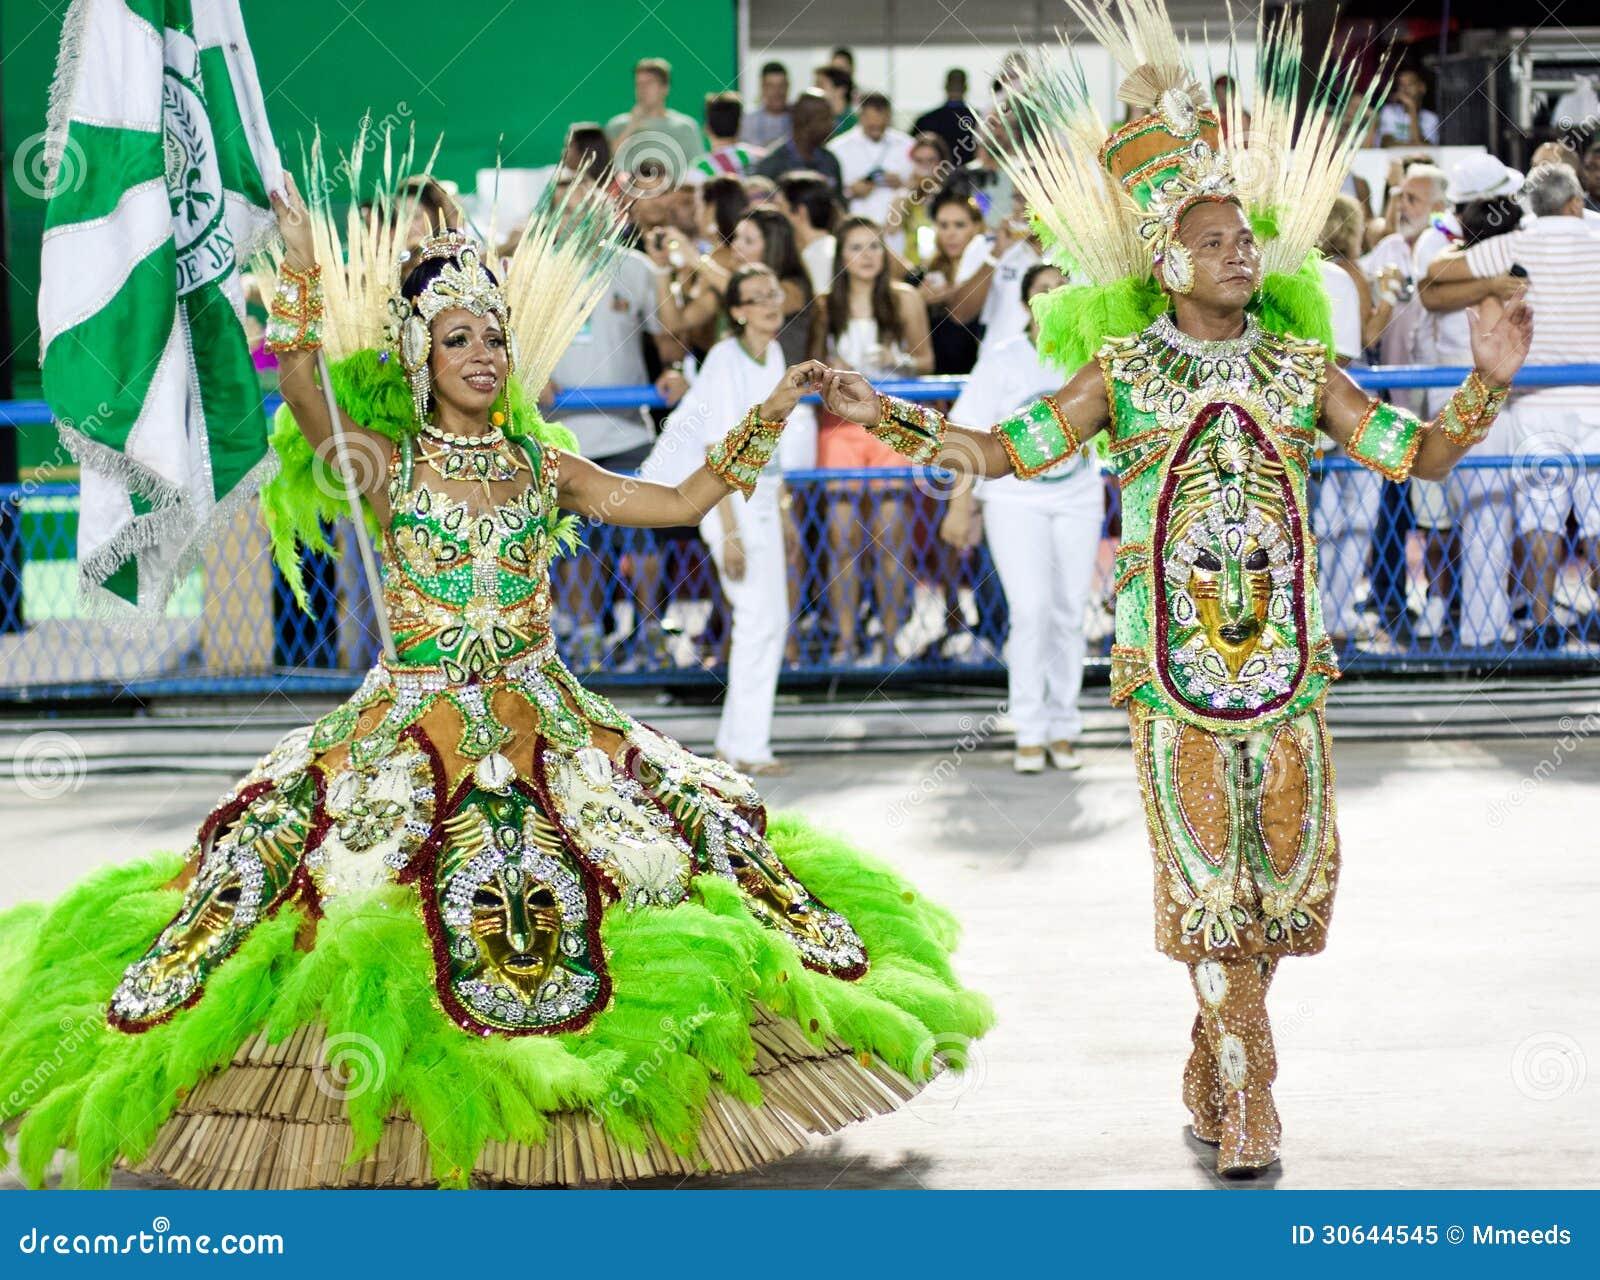 Una mujer y hombres en el baile del traje en carnaval en Sambodromo en Rio de